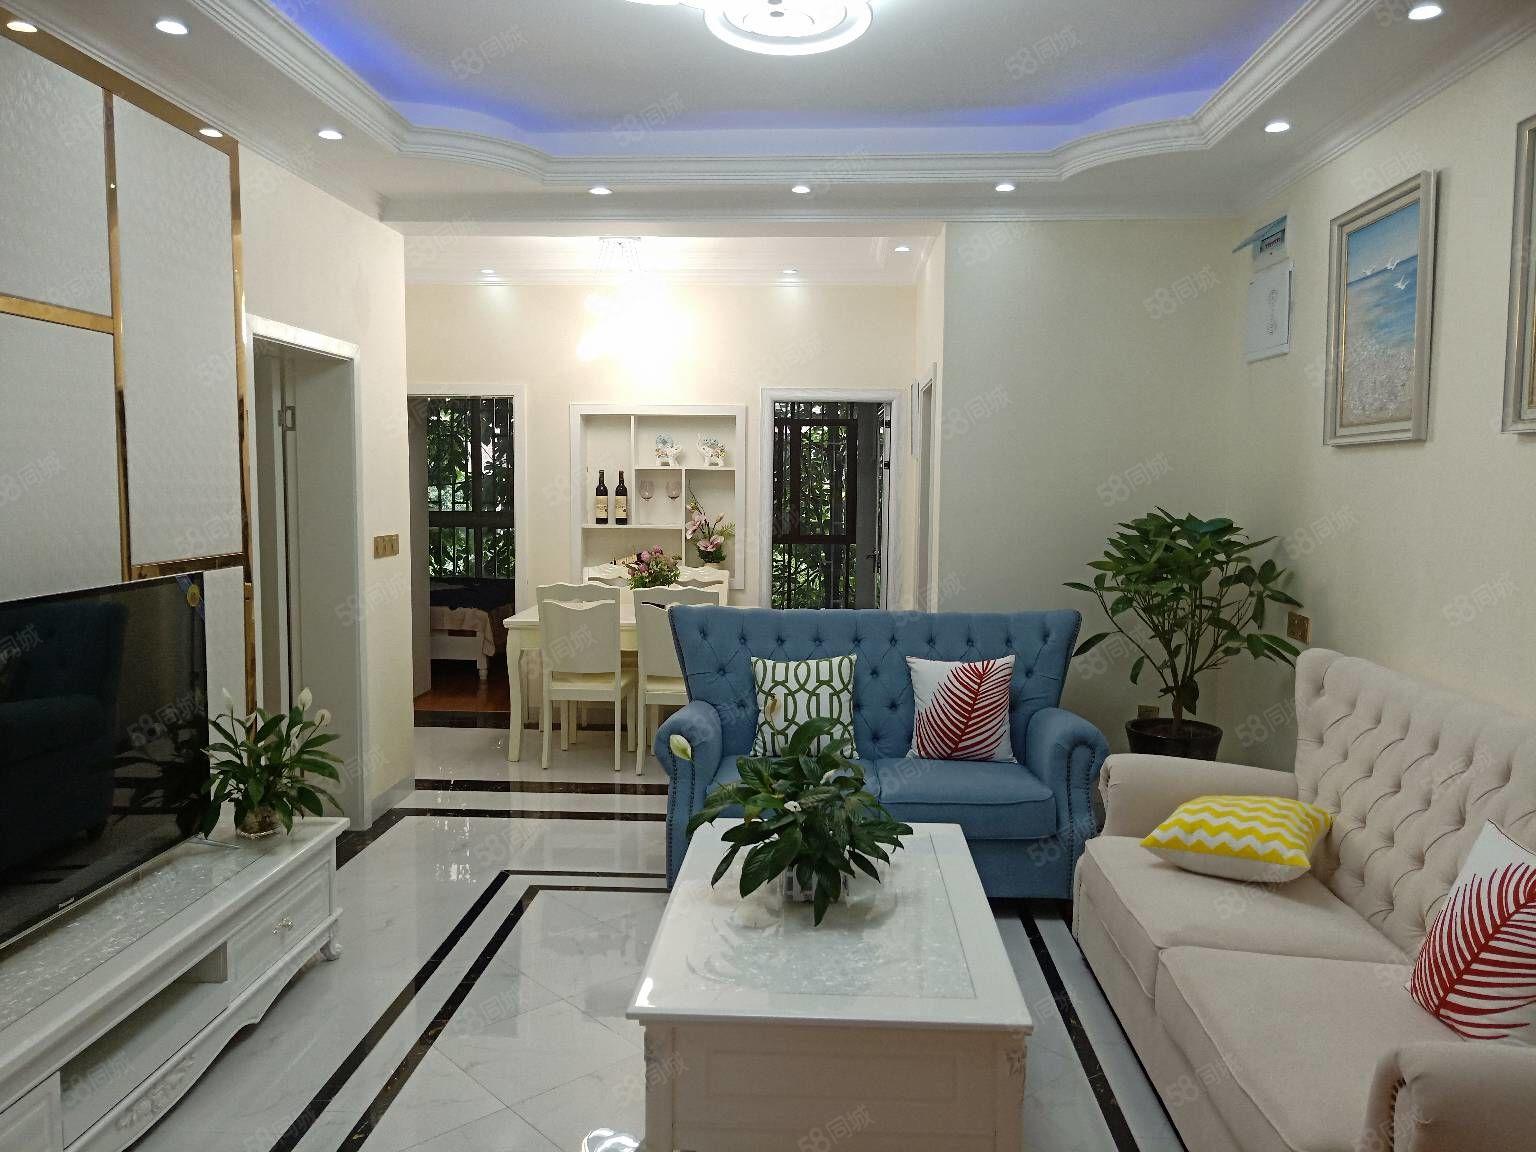 梓小3房前后带花园全新精装三室家具家电全齐